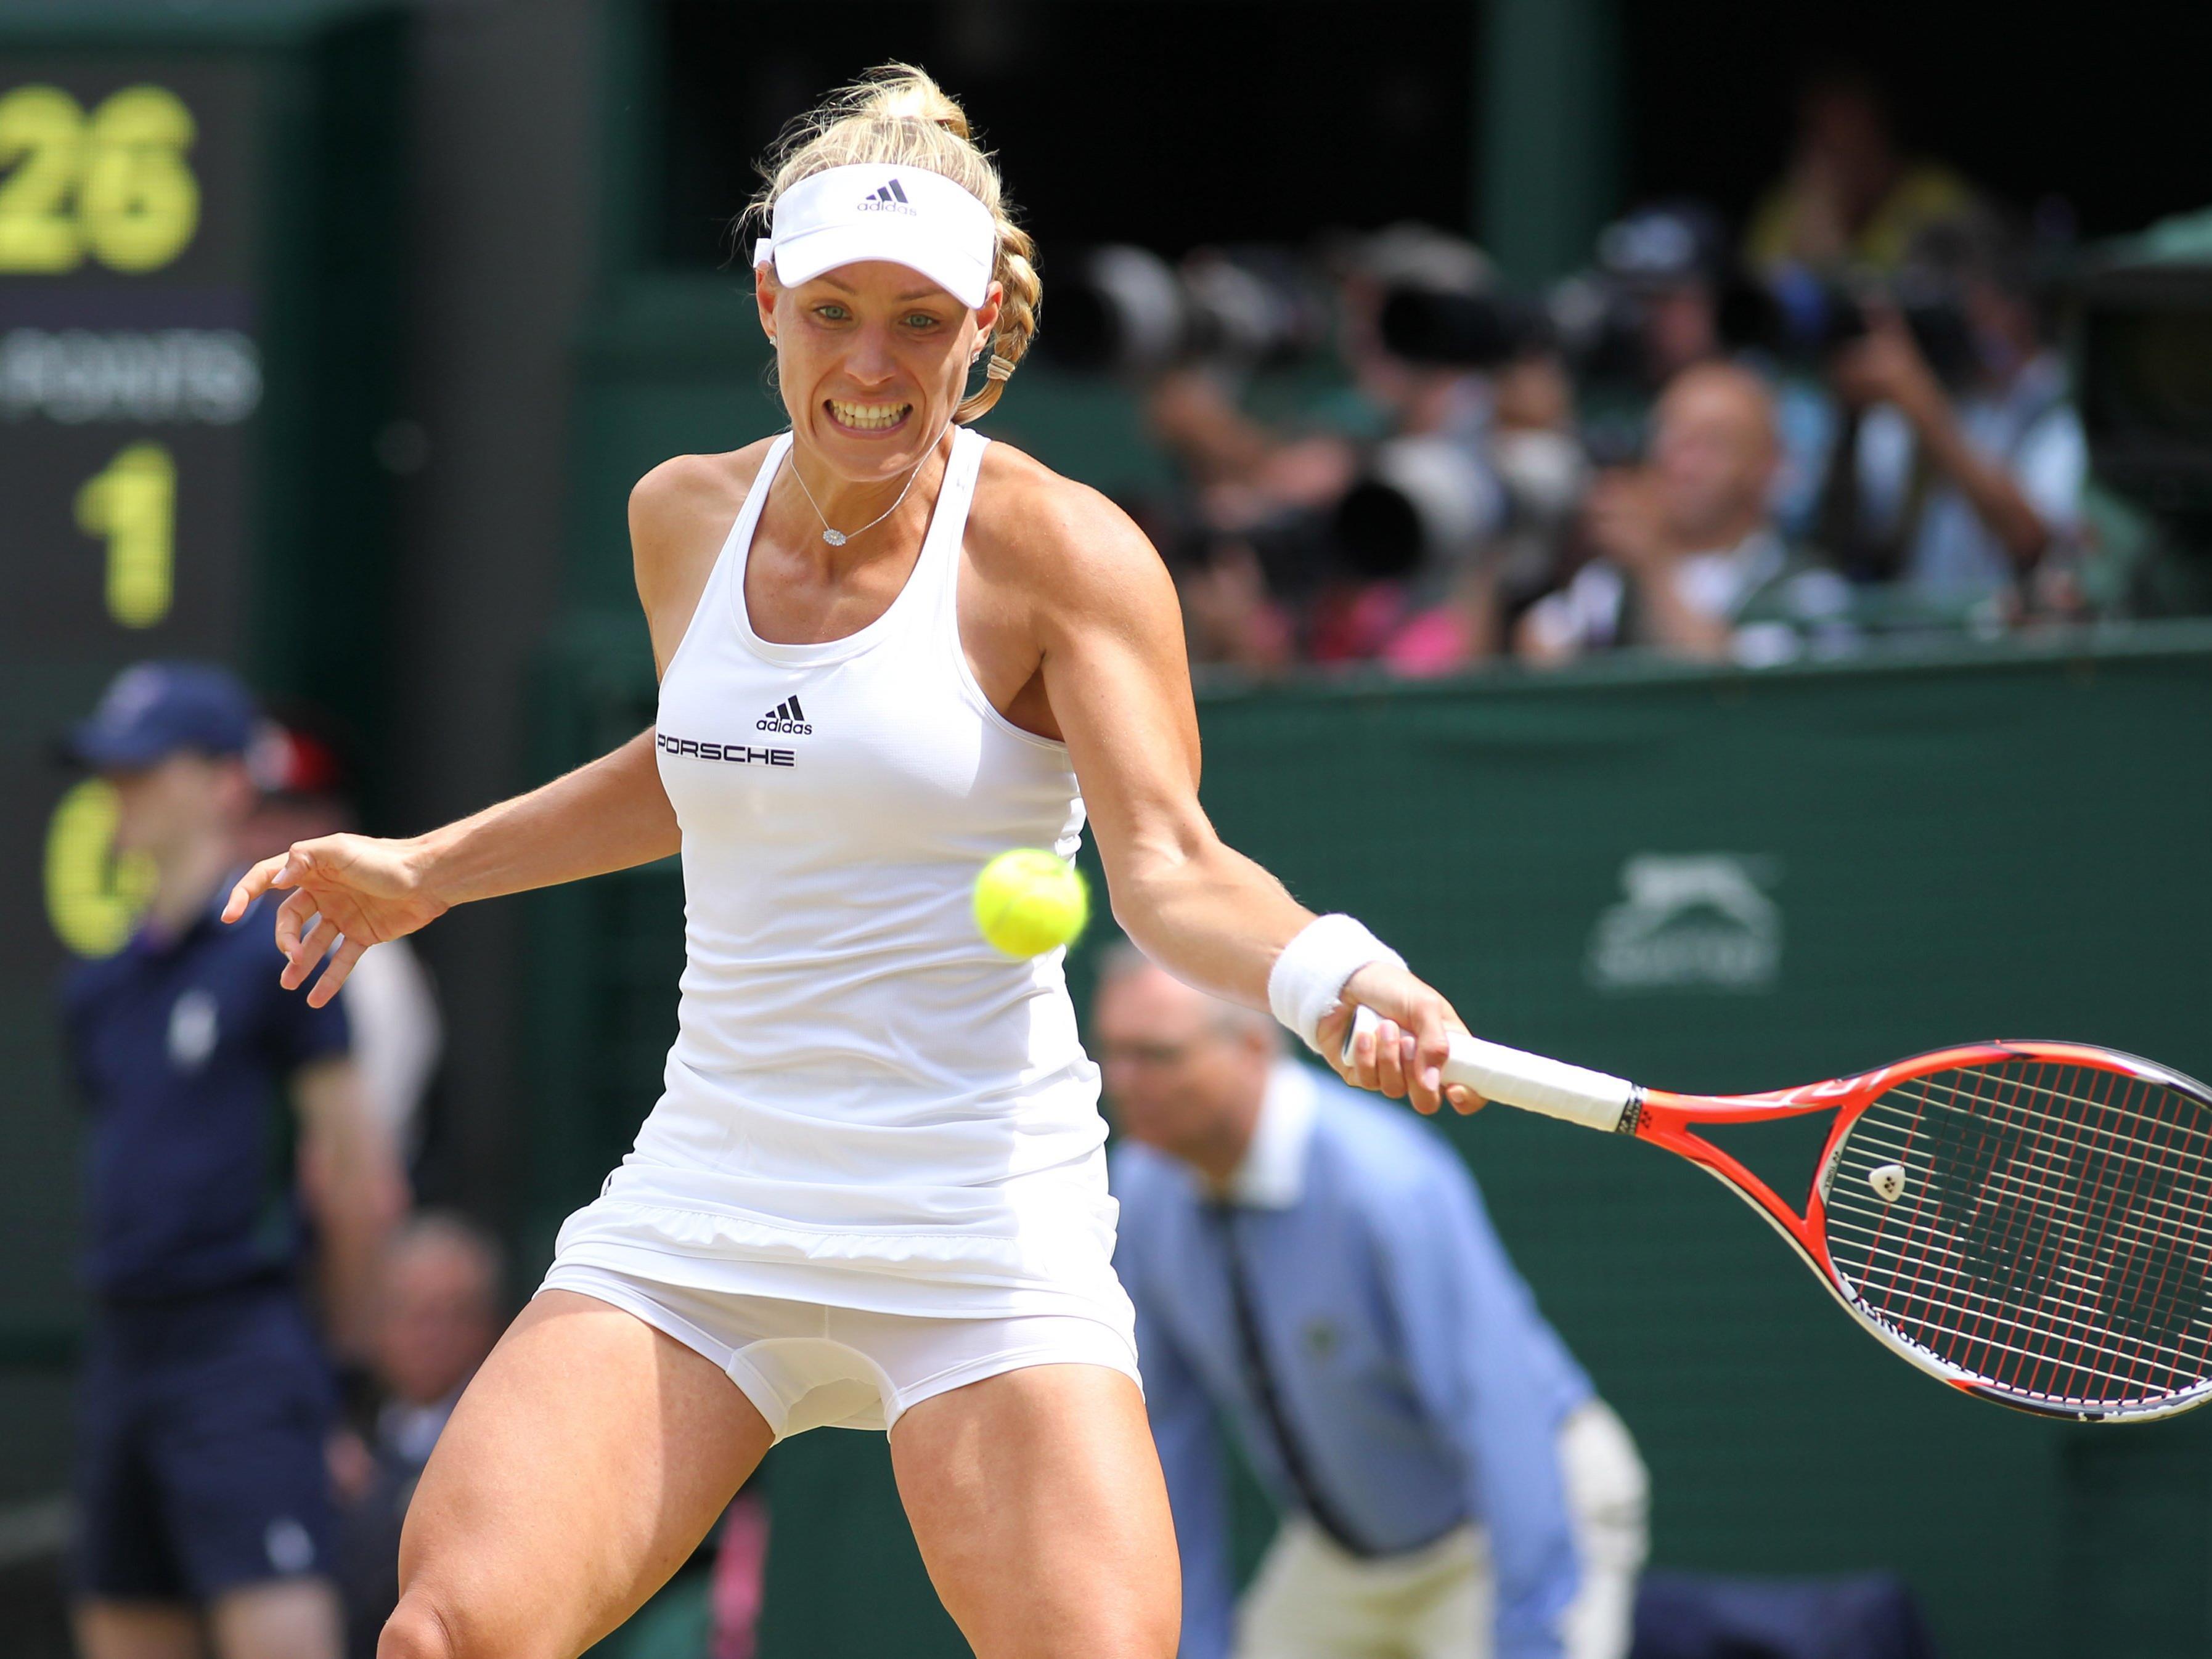 Tennispartnerbörse | Einfach passende Tennispartner finden!